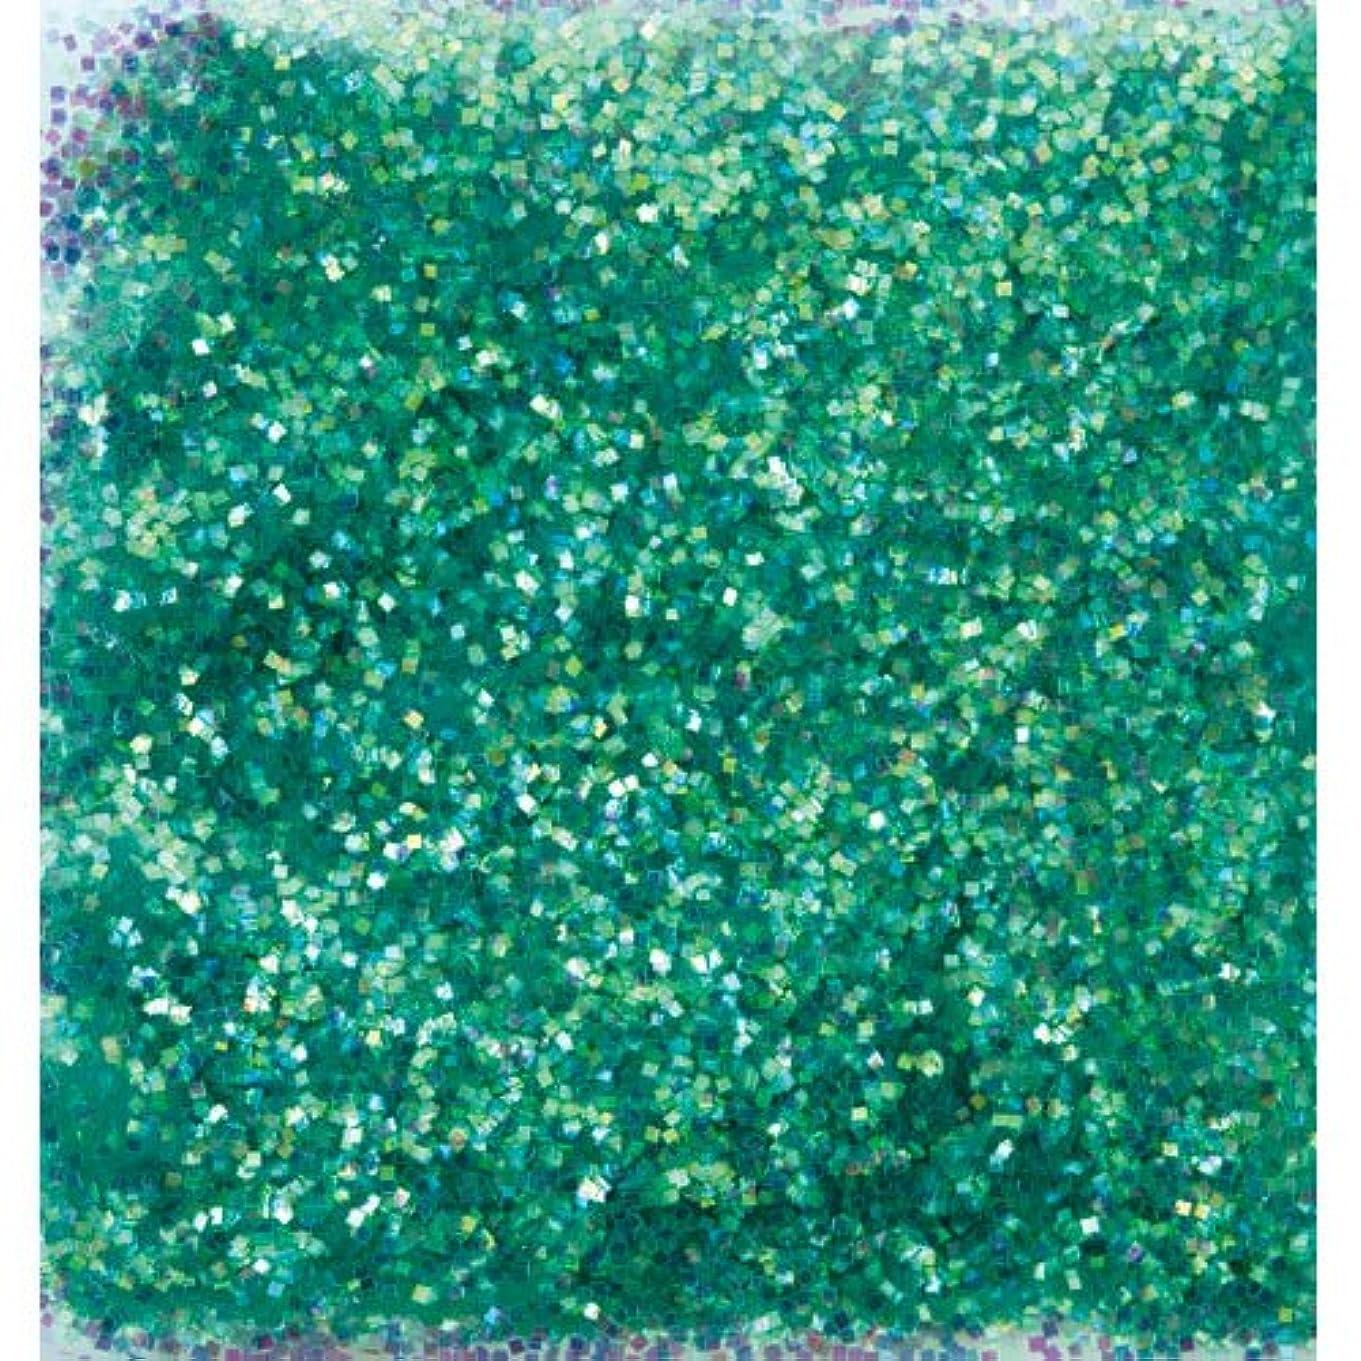 すごい排泄物風刺ピカエース ネイル用パウダー オーロラグリッター M #499 グリーン 1.5g